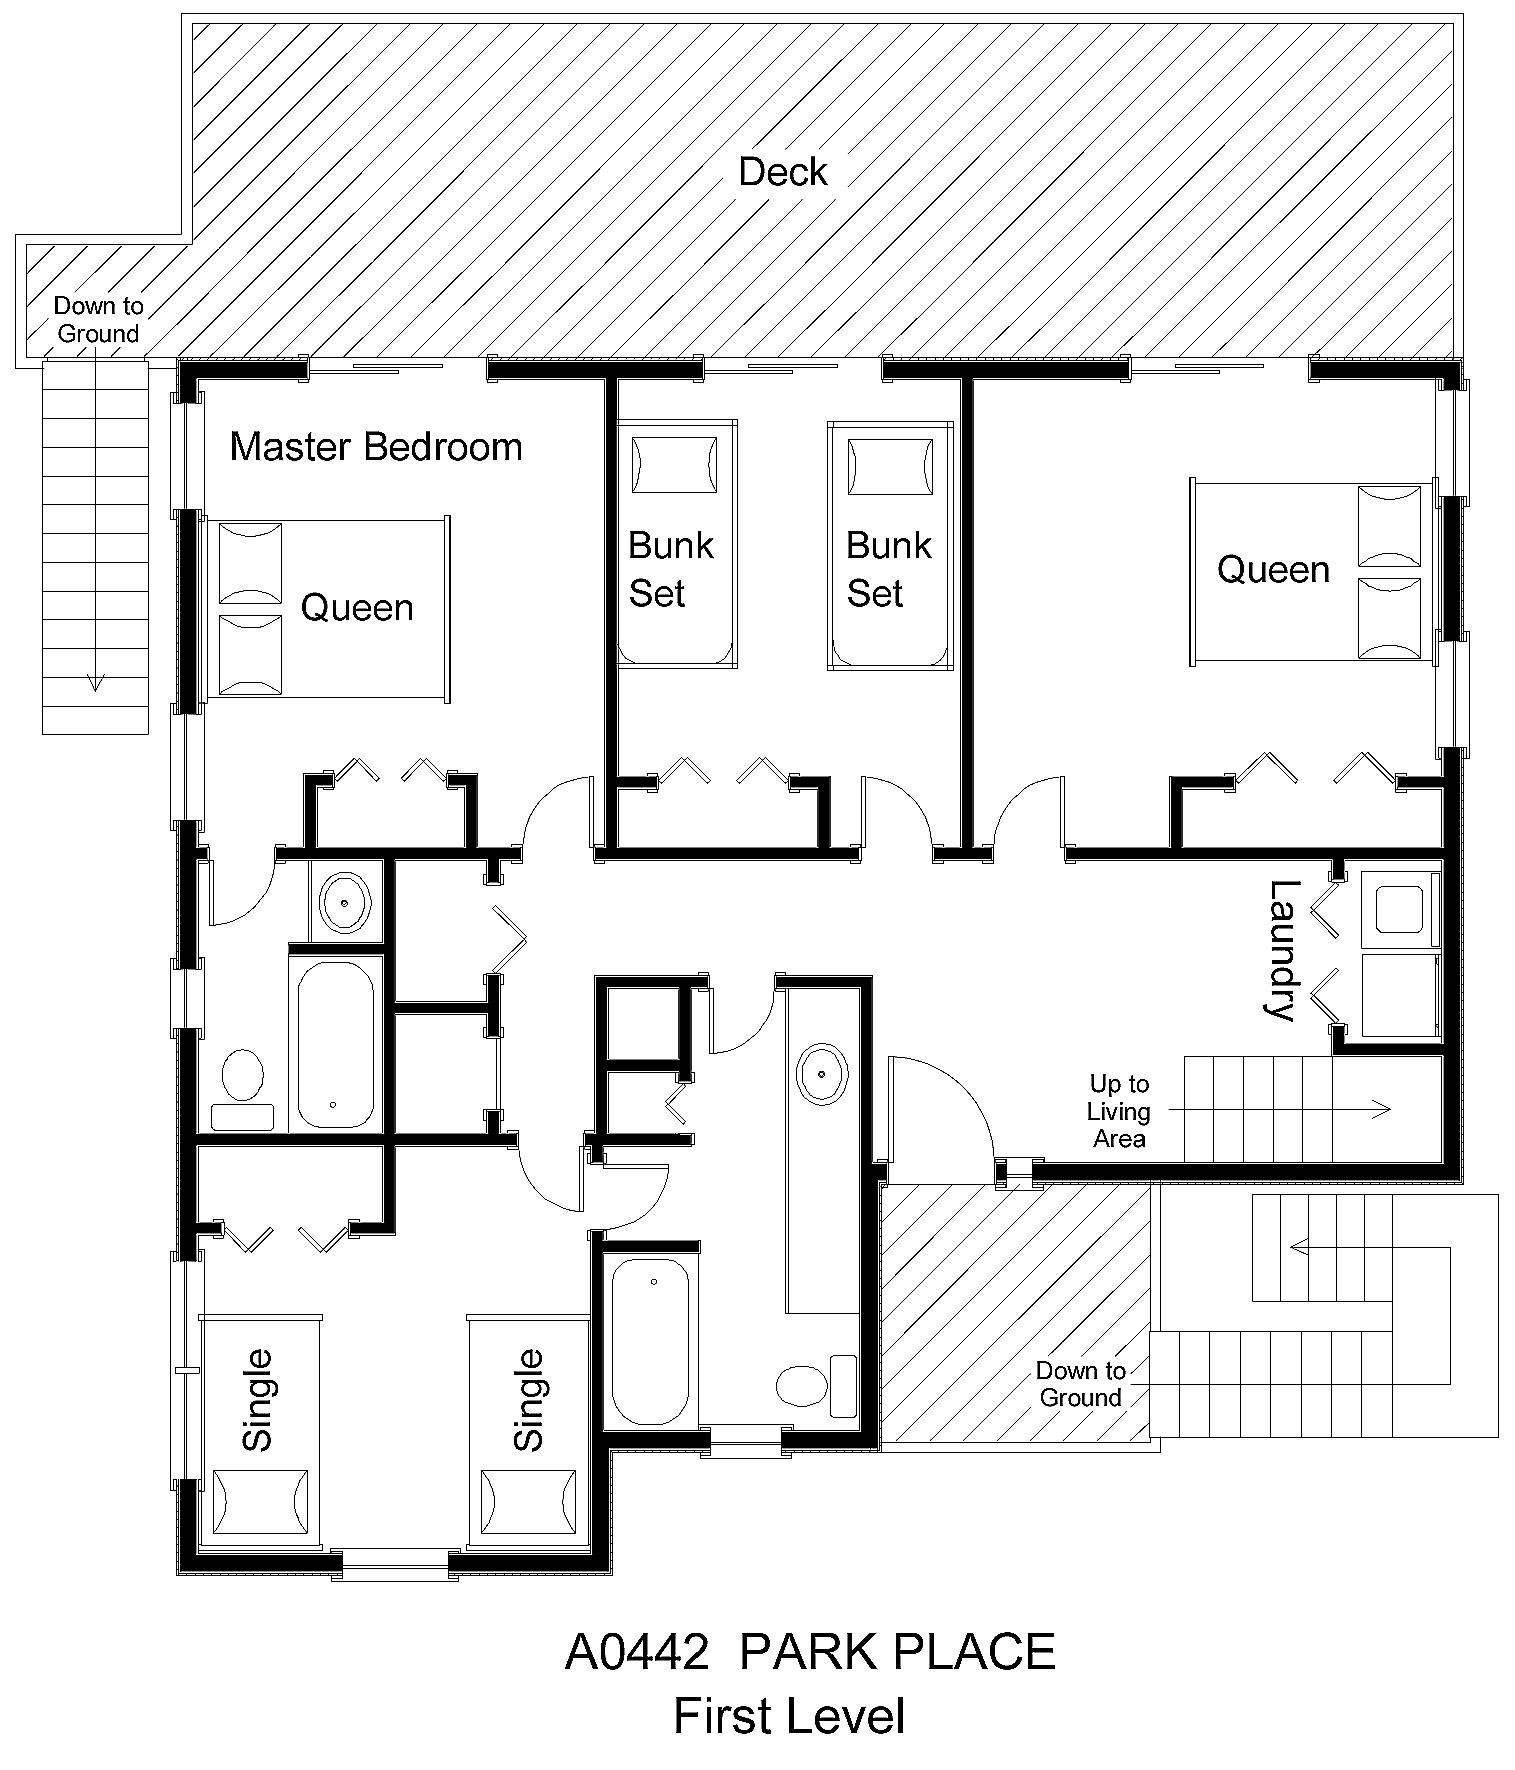 A0442 park place floor plan level midgett realty for Park place floor plans